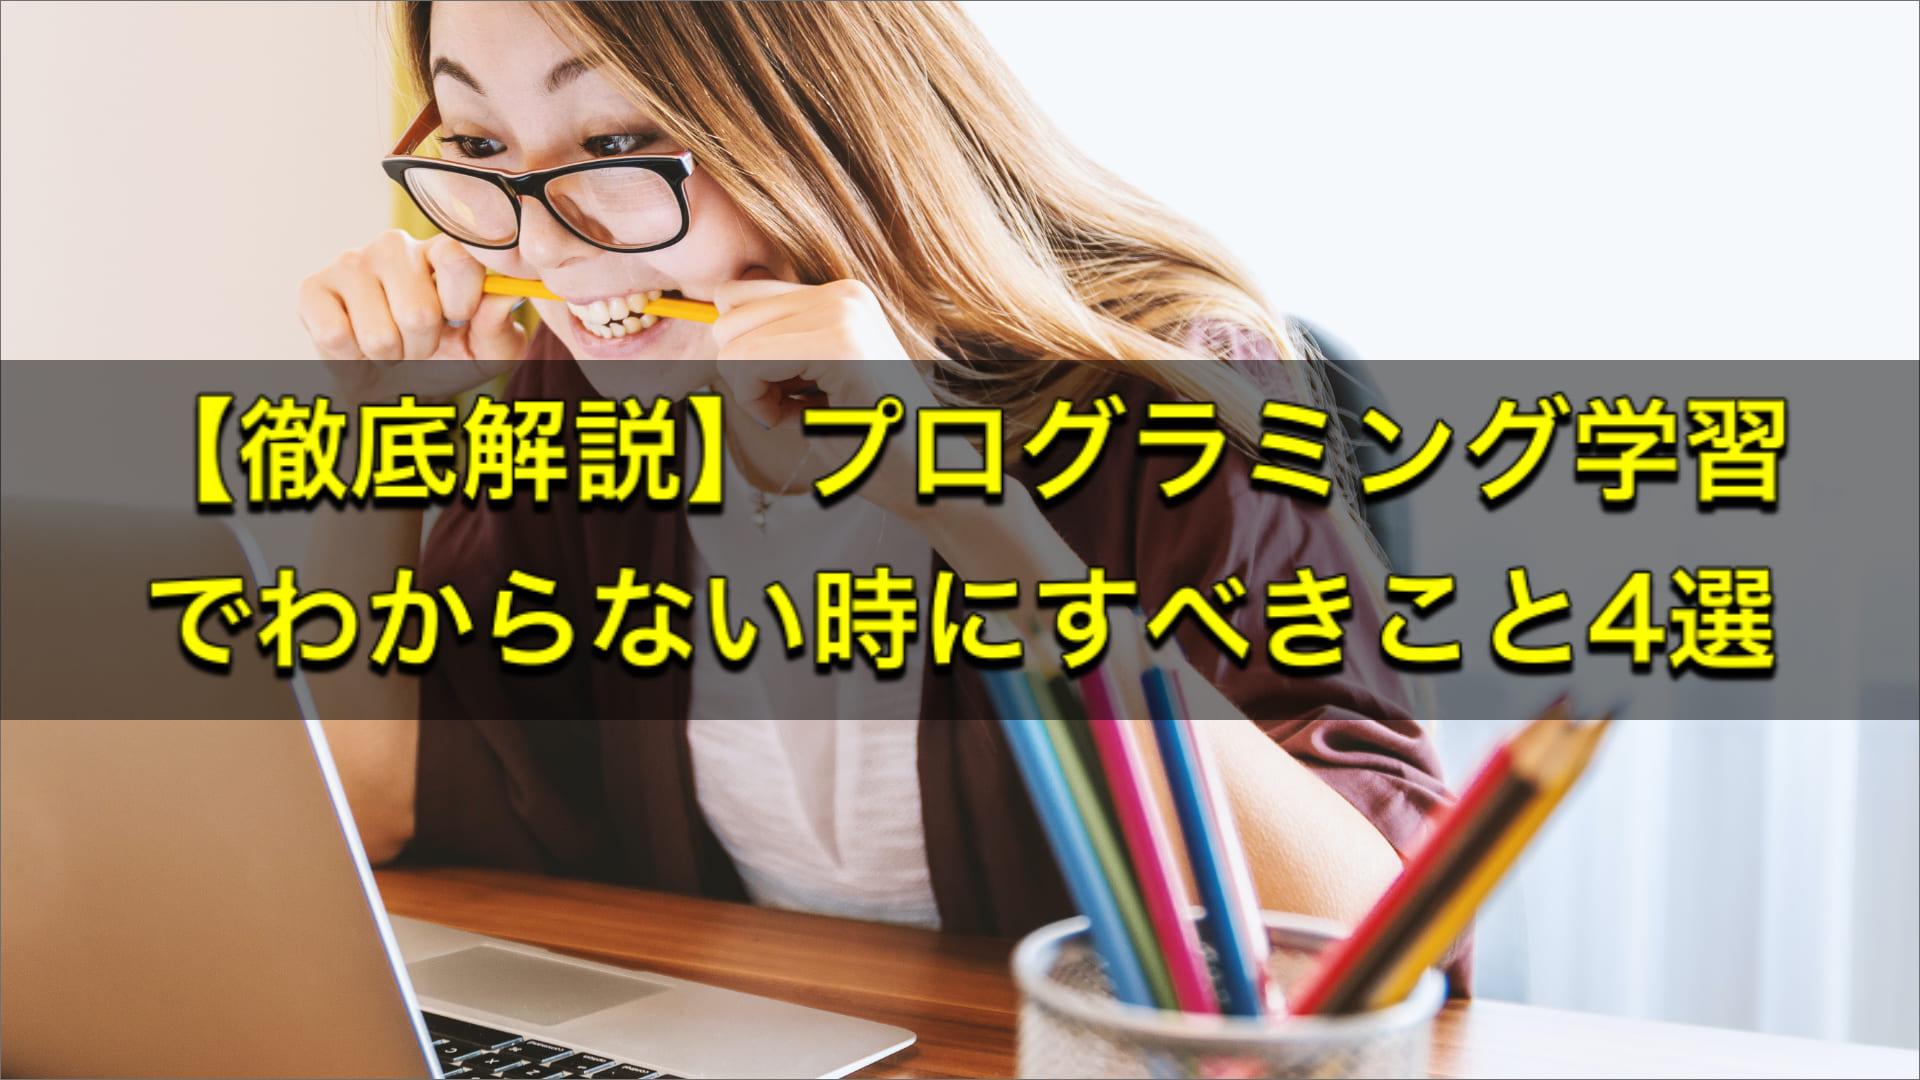 【徹底解説】プログラミング学習でわからない時にすべきこと4選【イライラから卒業しよう】